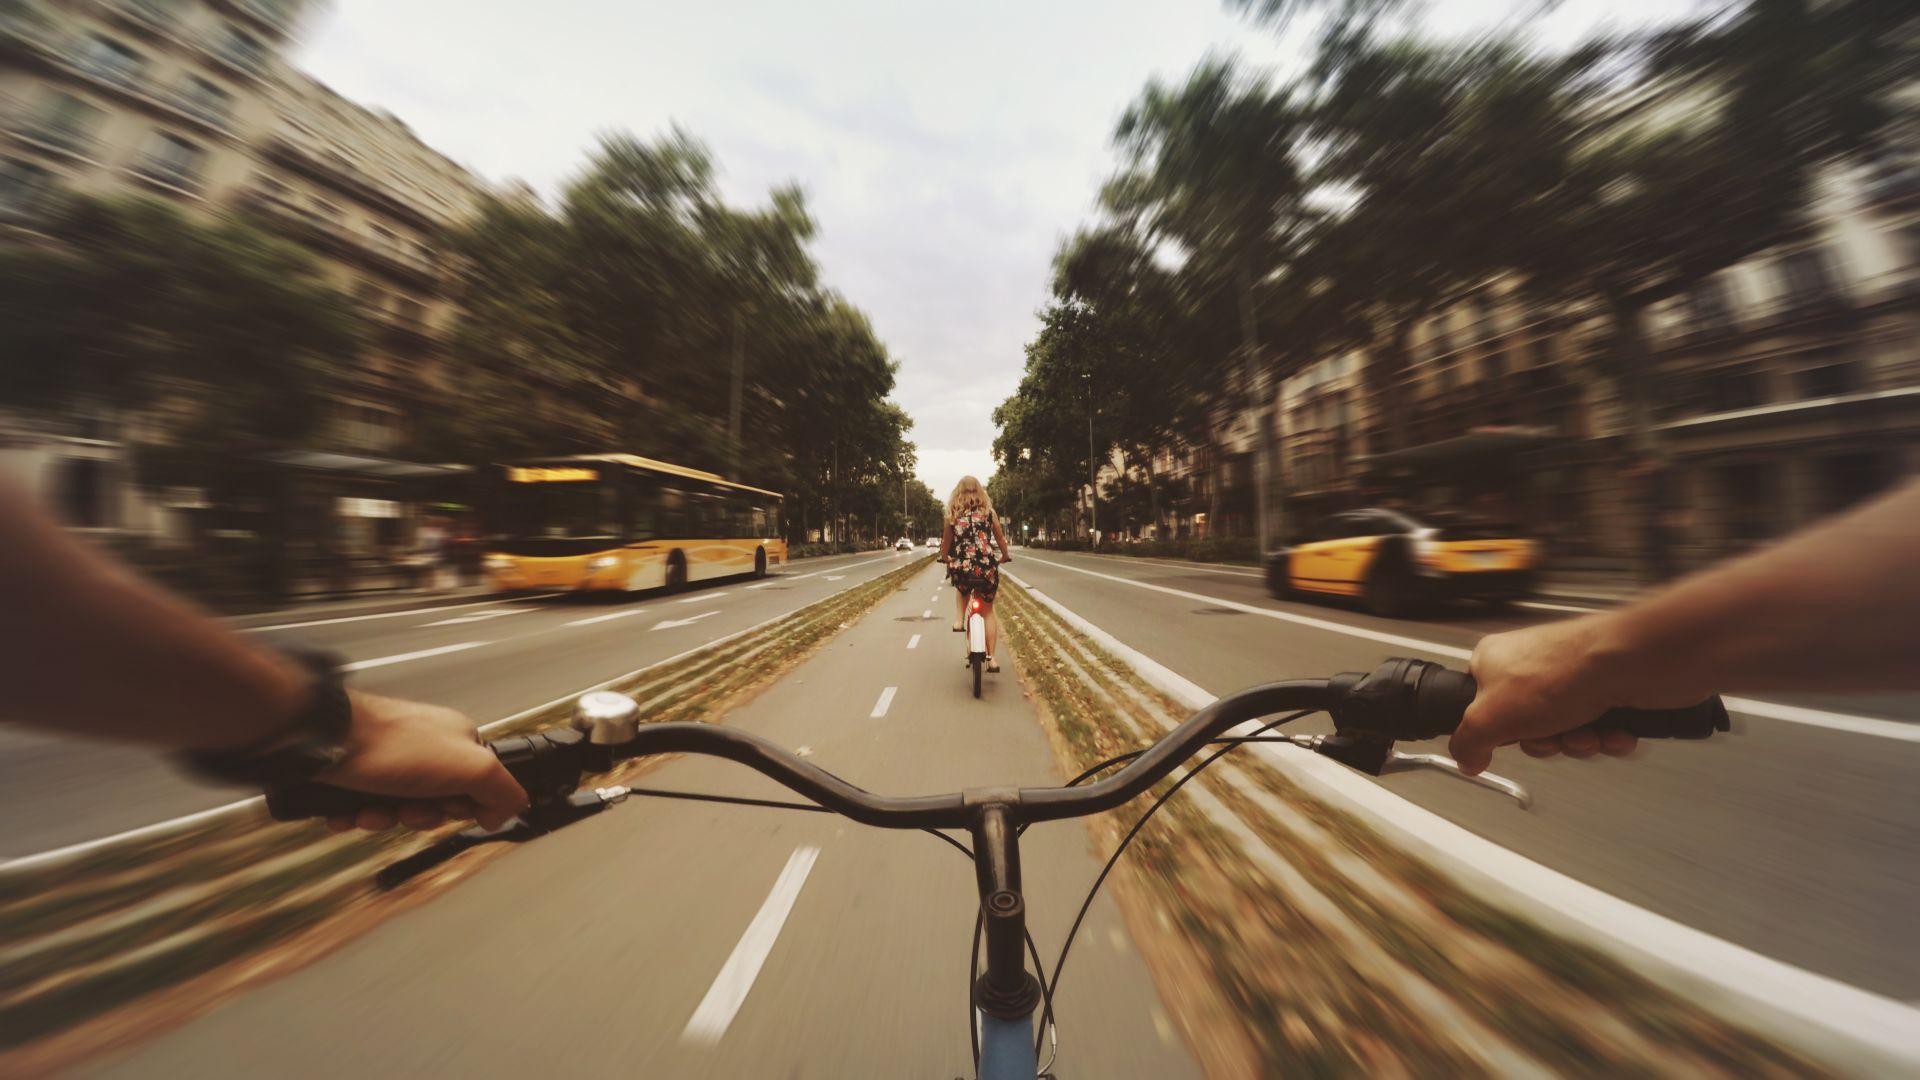 Понеделник е. София е свободна, наоколо само хора с велосипеди, които се движат без проблем по обширните вело алеи.